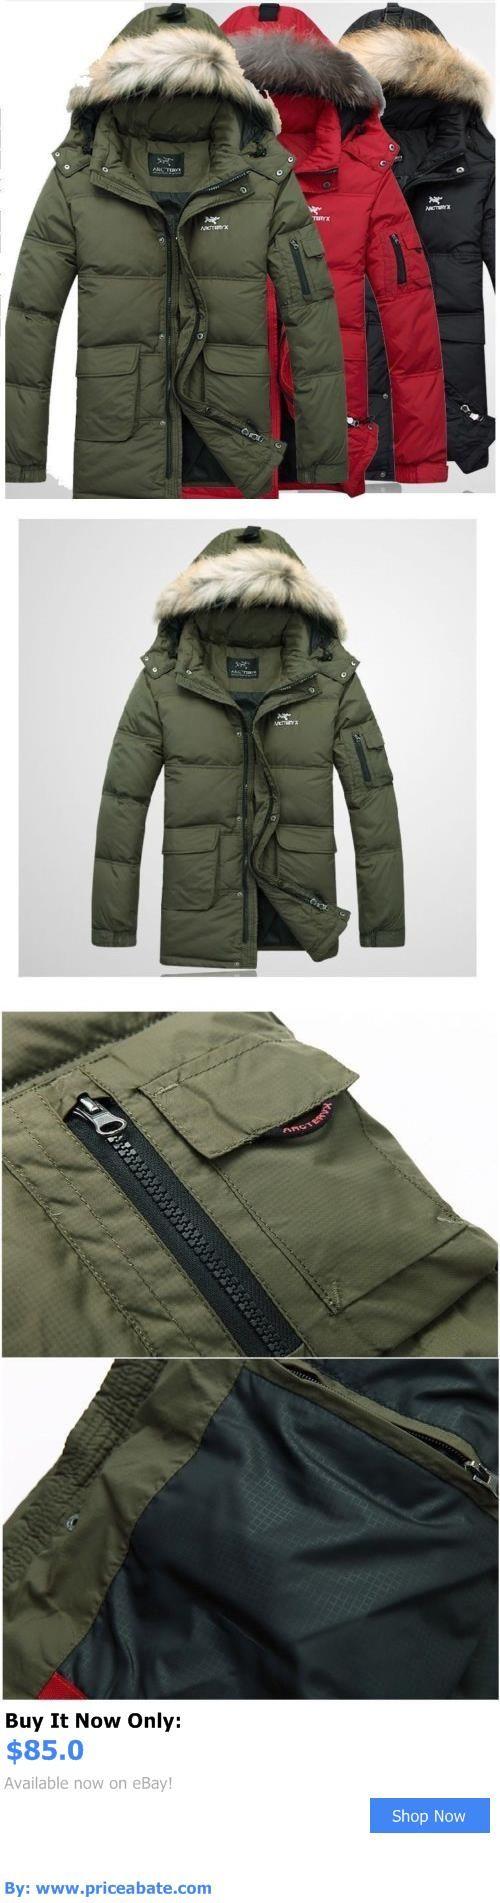 Men Coats And Jackets: Mens Duck Down Hooded Warm Jacket Winter Long Parka Coat Overcoat New BUY IT NOW ONLY: $85.0 #priceabateMenCoatsAndJackets OR #priceabate